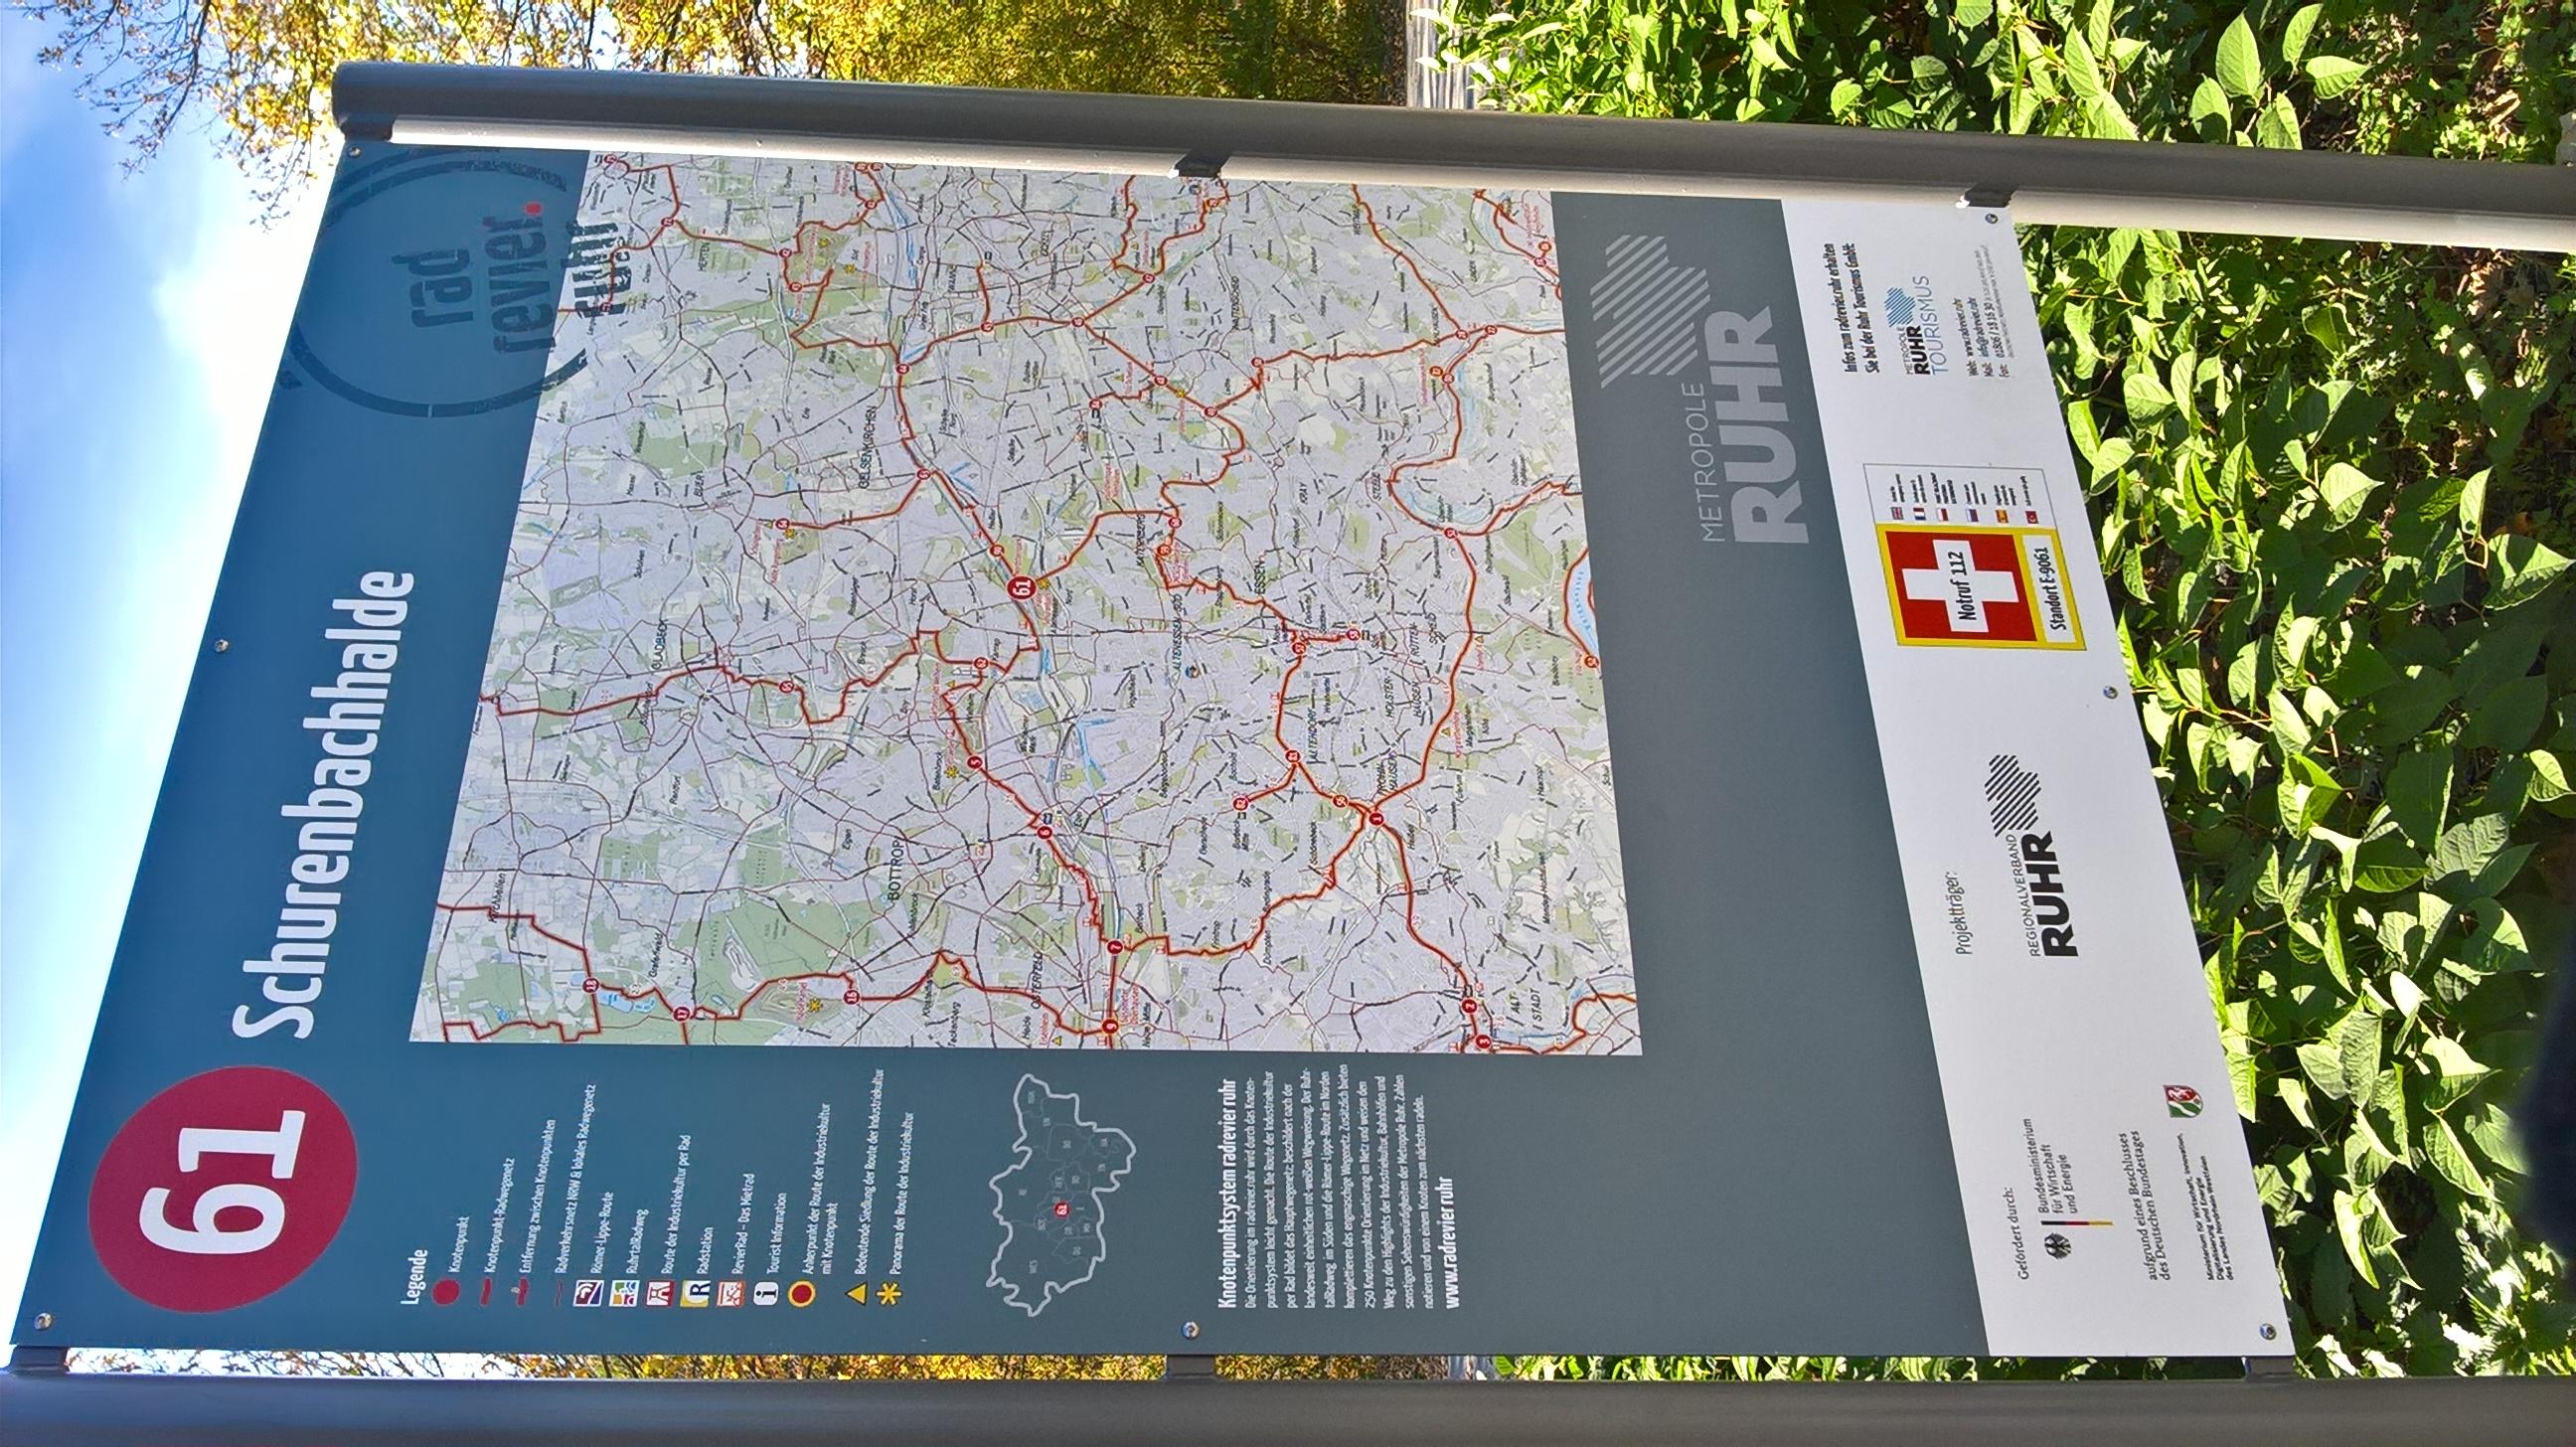 Plan Cul Maine-et-Loire à Saumur Près D'Angers